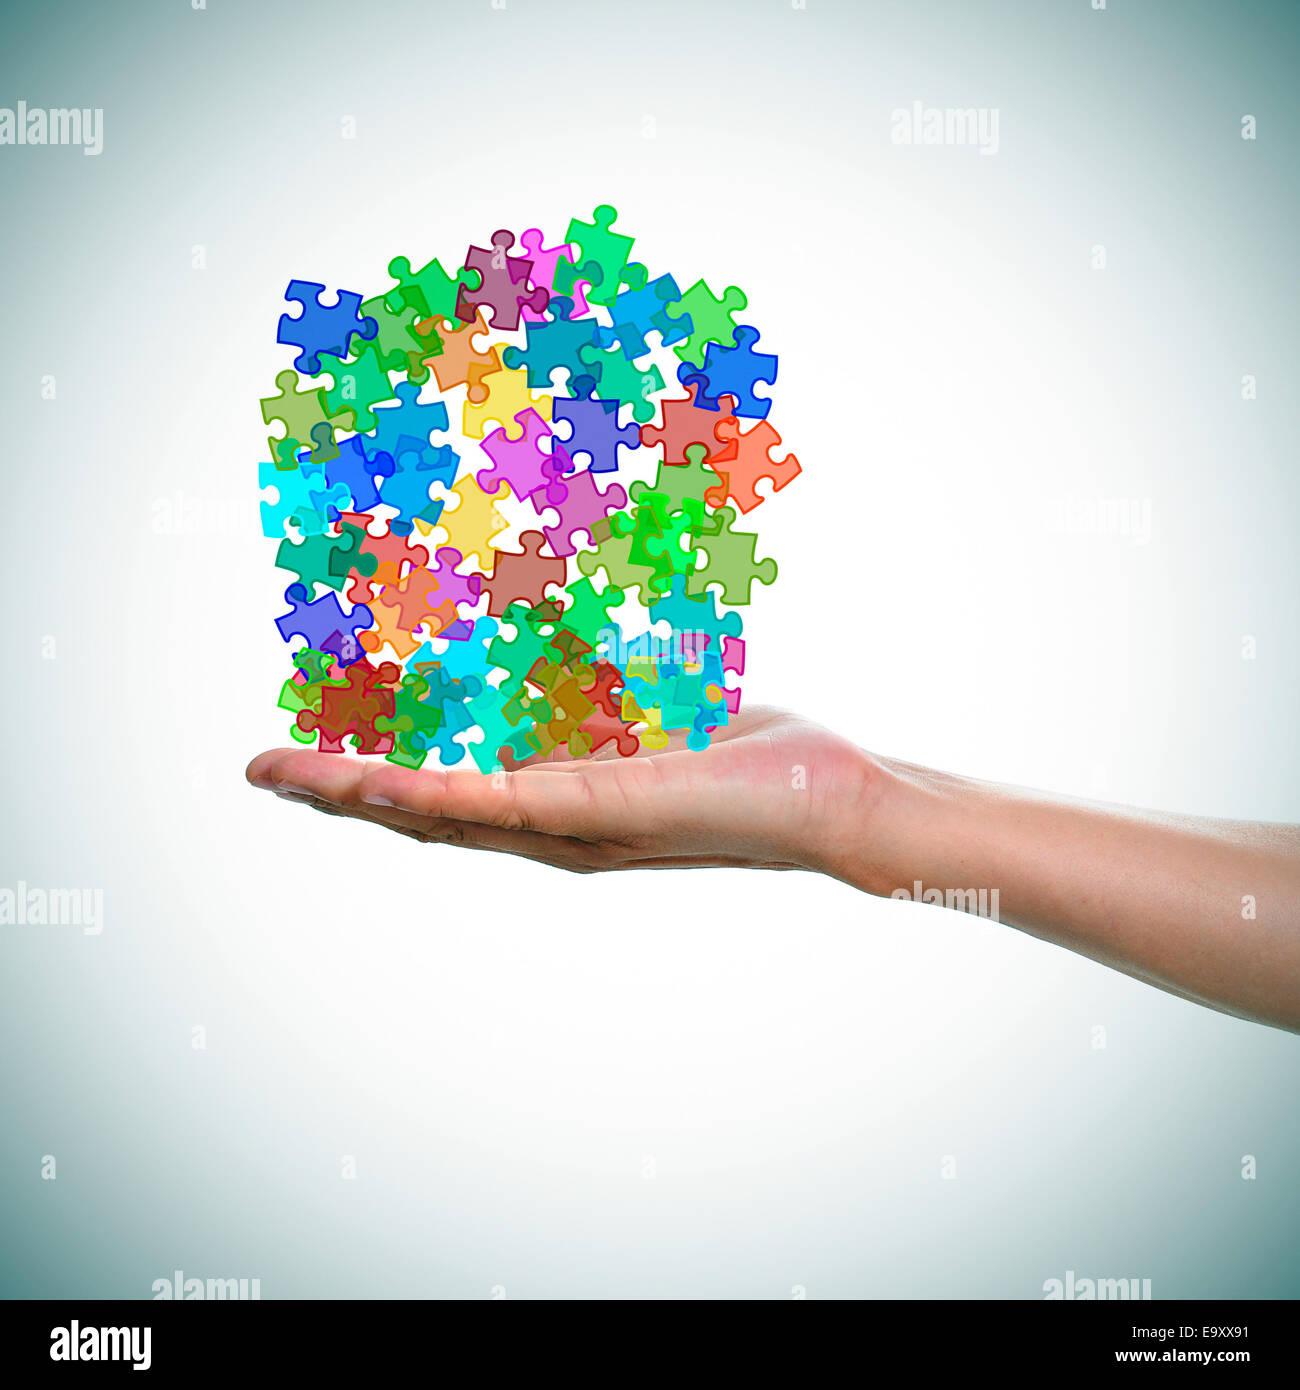 Un homme part avec un tas de pièces du puzzle de différentes couleurs comme le symbole de la sensibilisation à l'autisme Banque D'Images